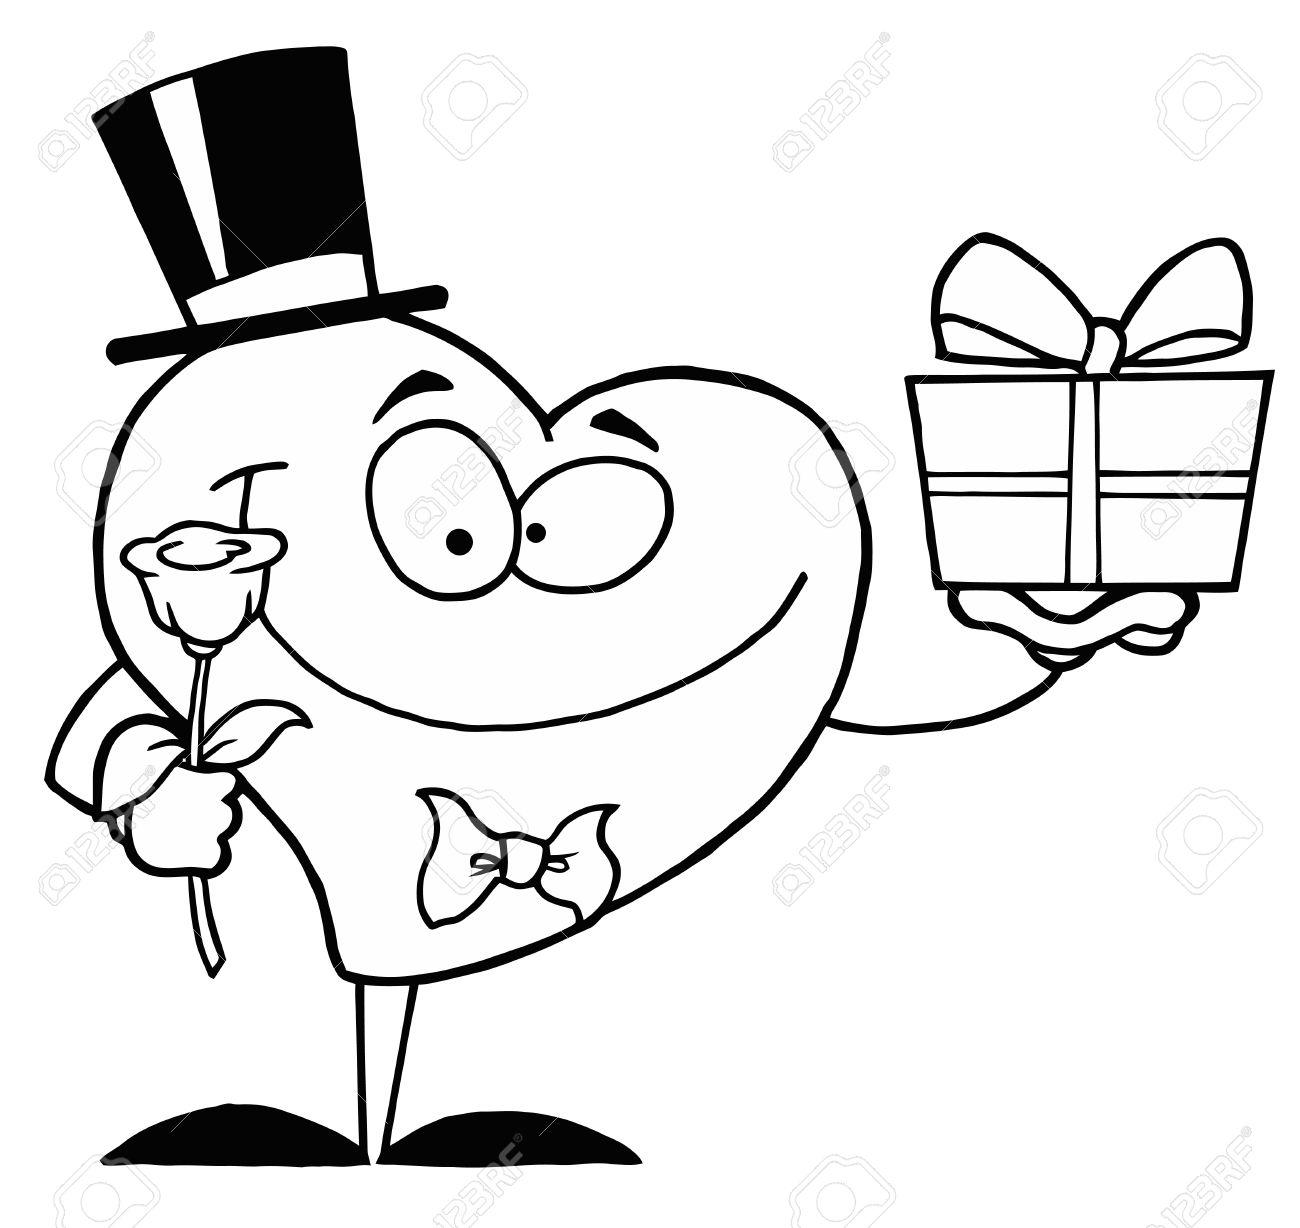 Noir Et Blanc Contour Coloriage D un Coeur Donner un cadeau et fleurs Banque d